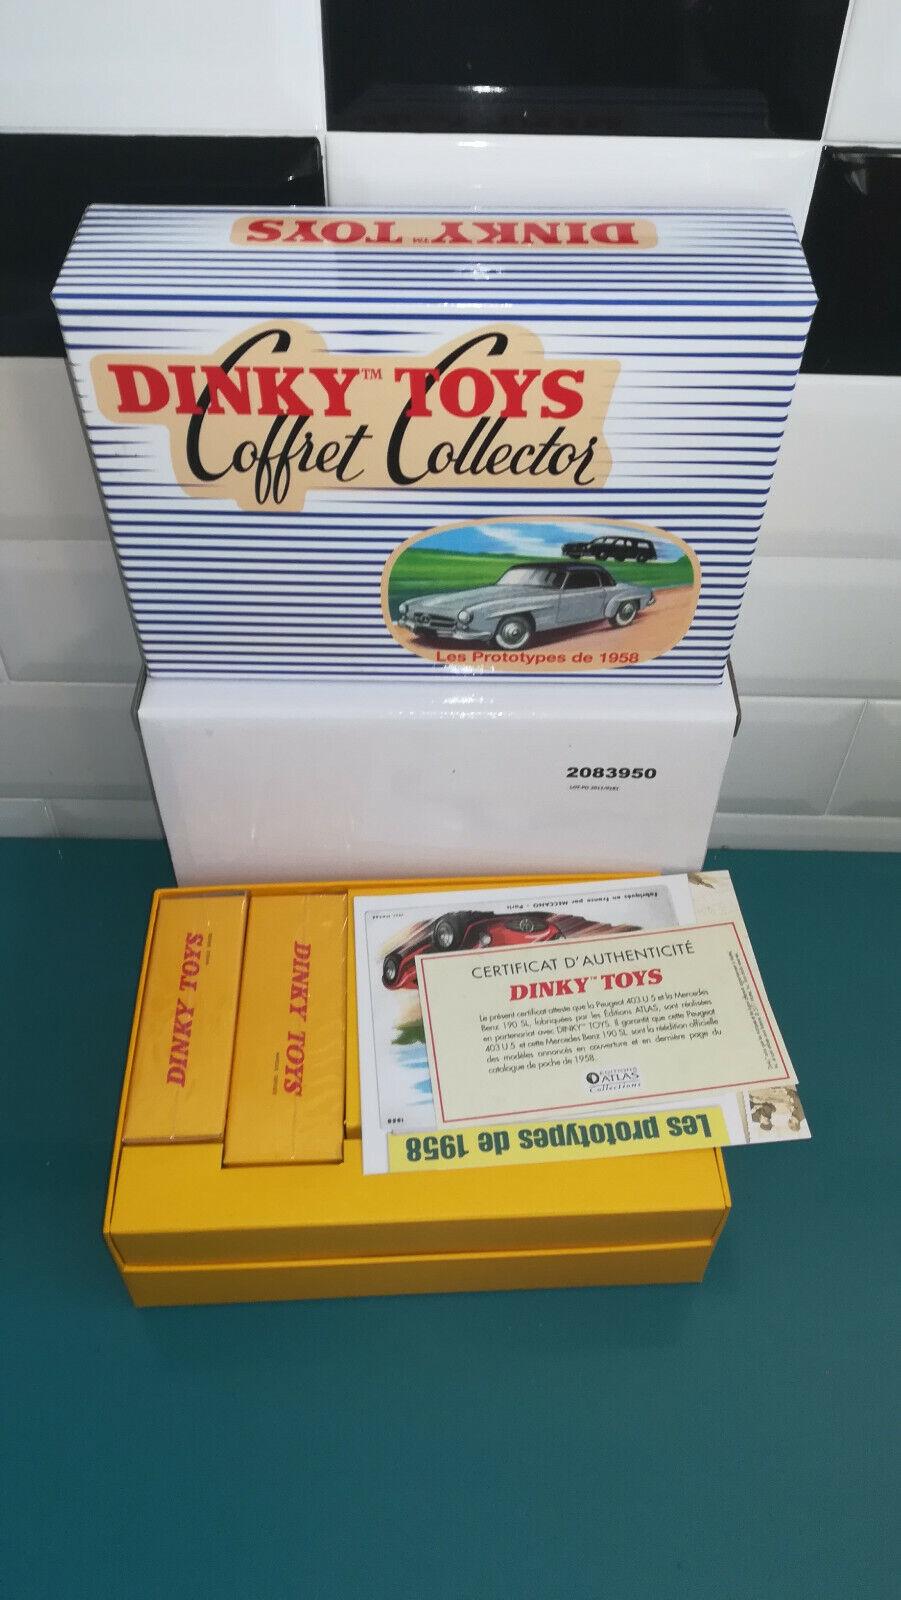 DINKY TOYS ATLAS coffret collector les prougeotypes de 1958 24 FH peugeot 403